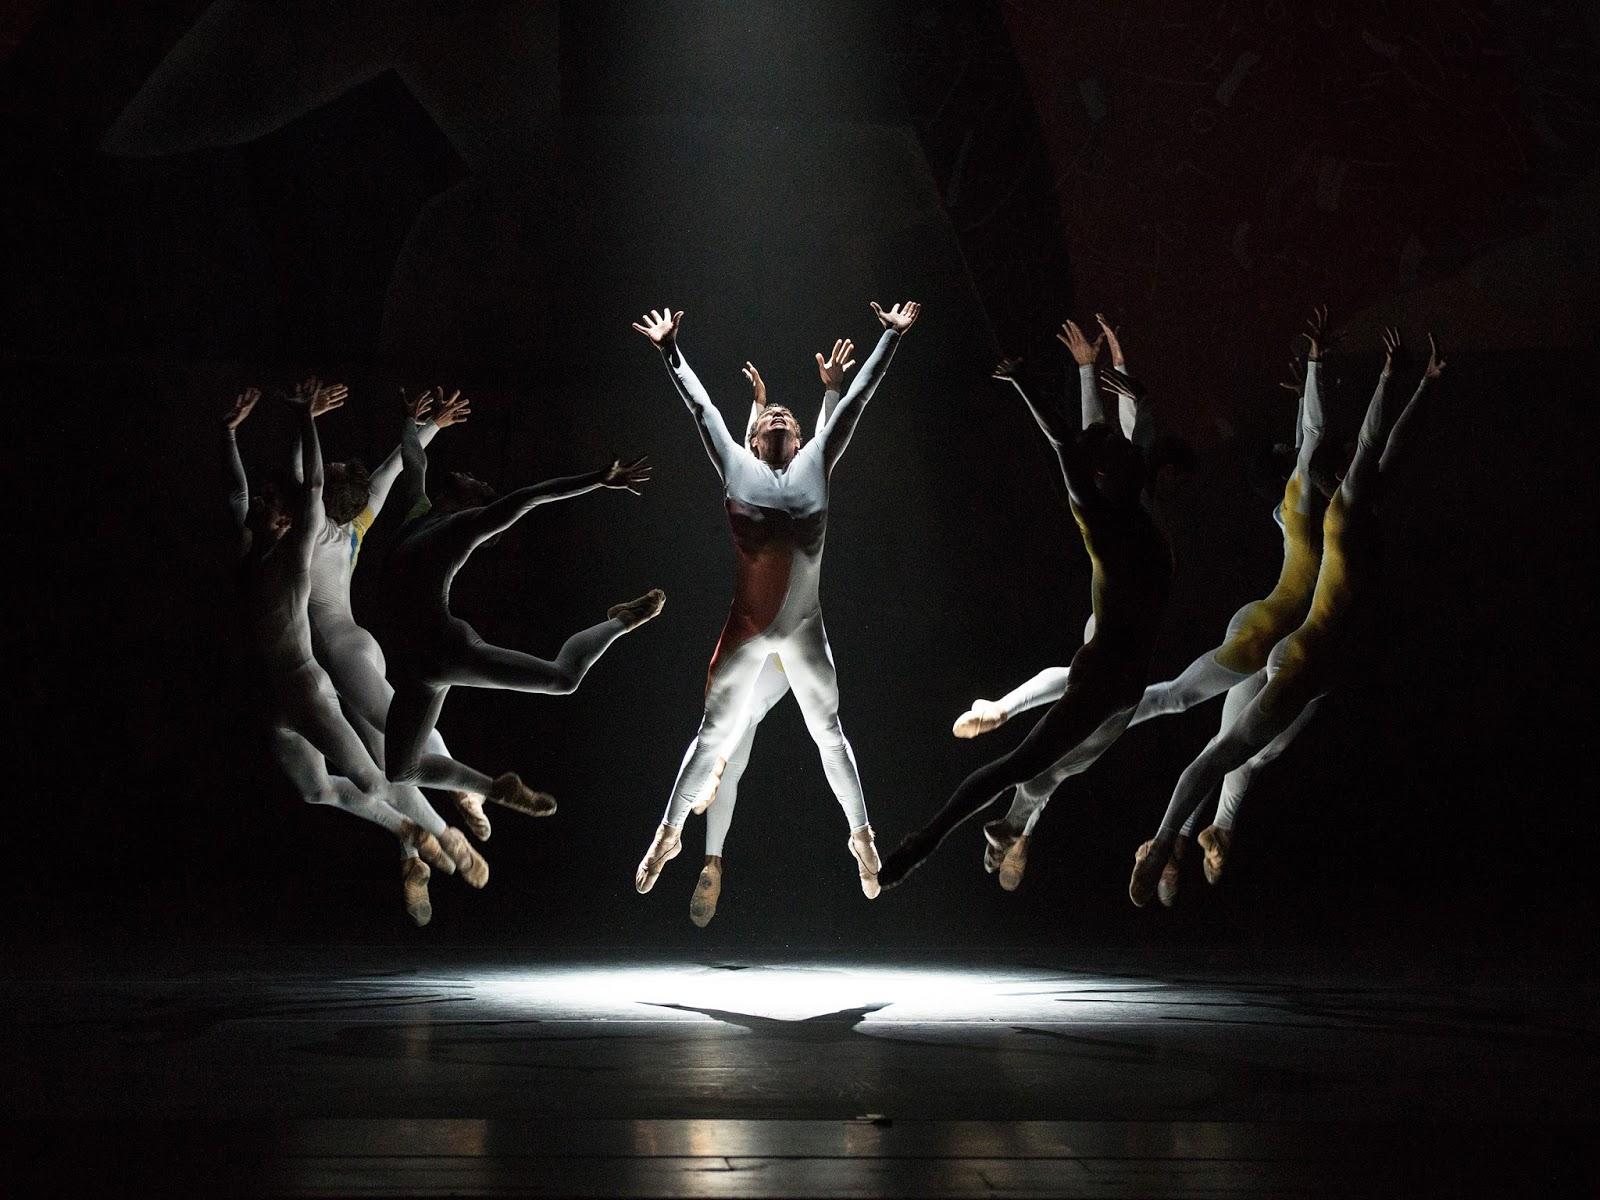 Birlikte Dans Etmek İsteyeceğiniz 15 Rüya Gibi Balet